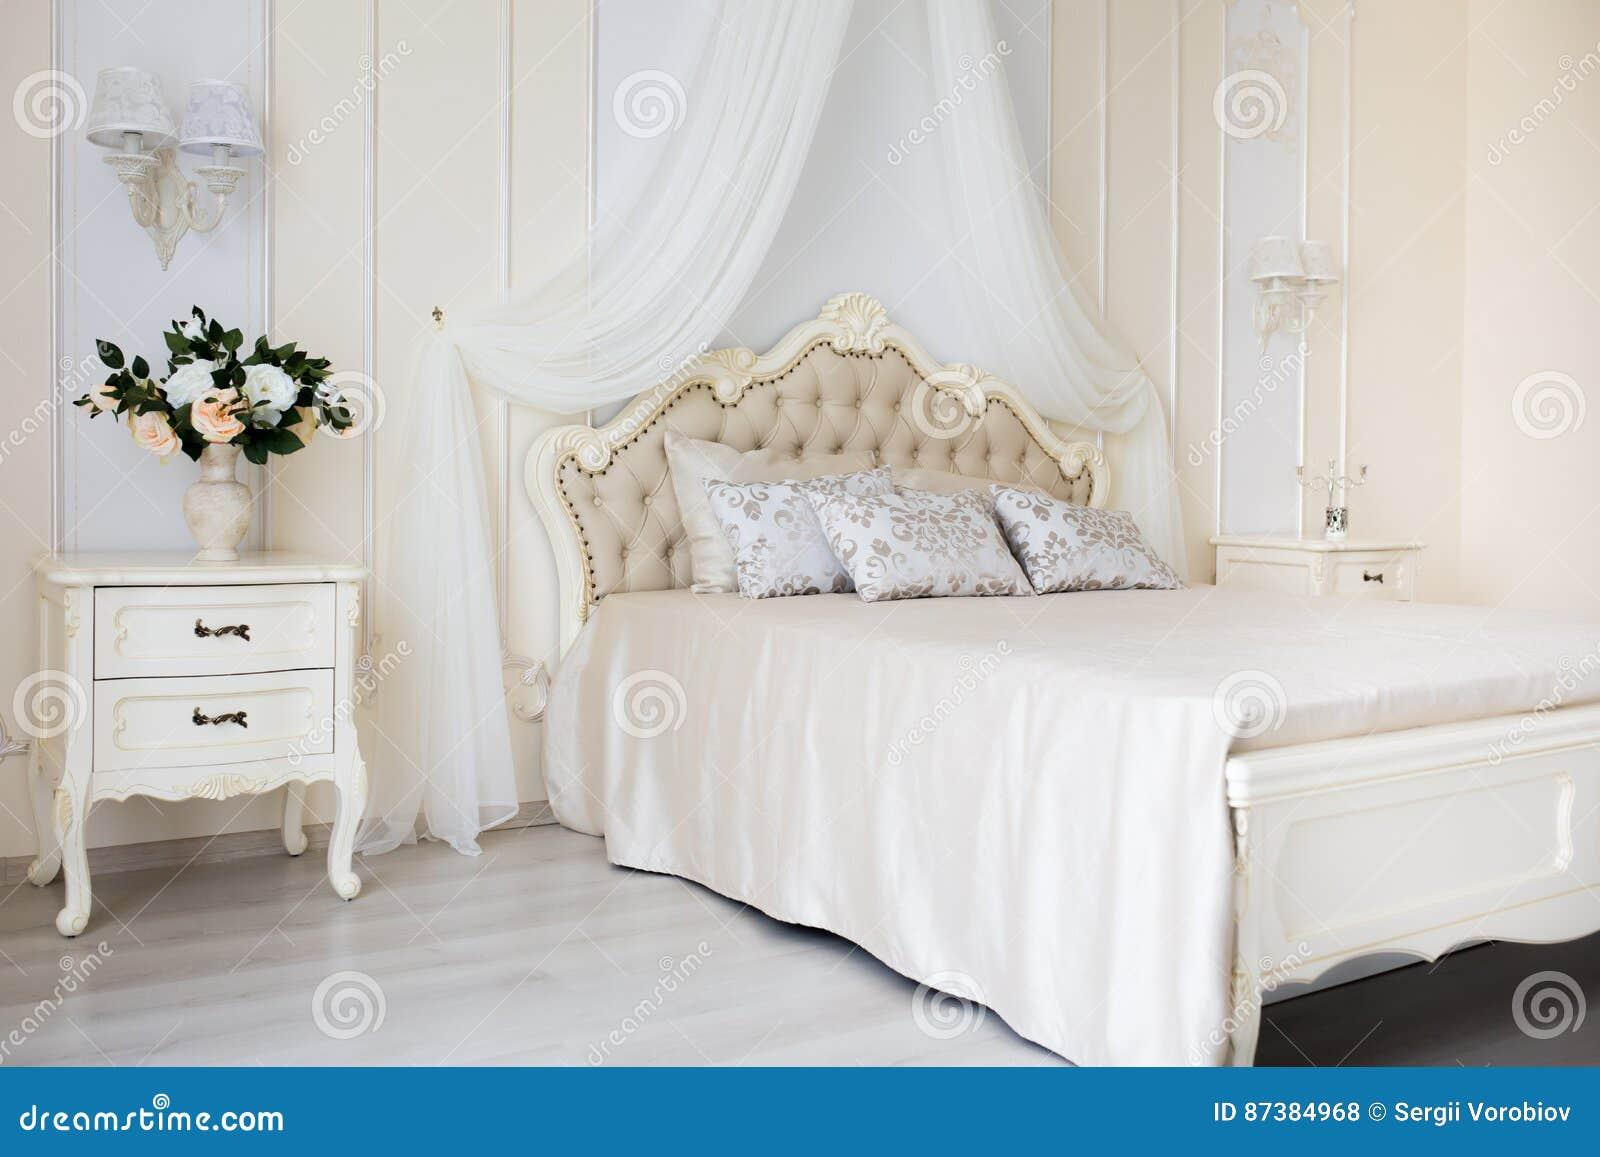 Schlafzimmer In Den Weichen Hellen Farben Großes Bequemes Doppelbett Im  Eleganten Klassischen Innenraum